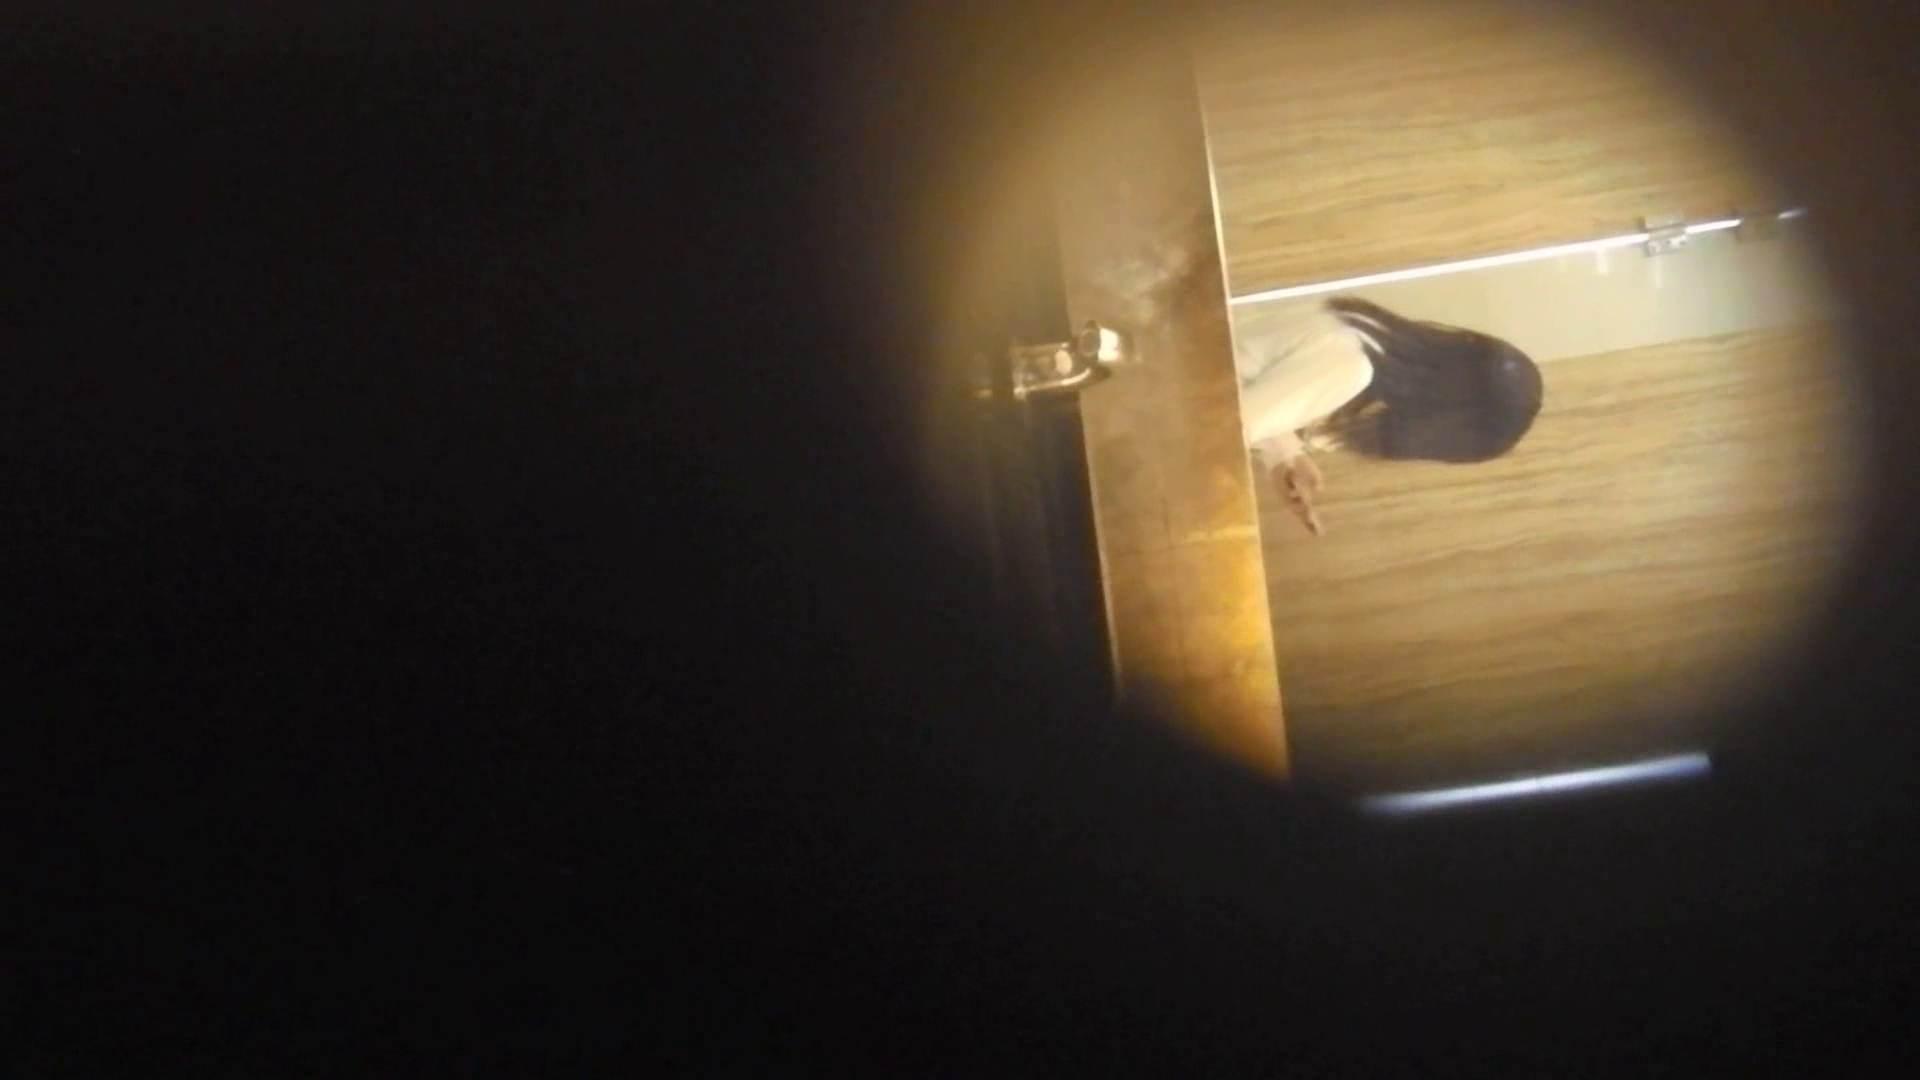 阿国ちゃんの「和式洋式七変化」No.18 iBO(フタコブ) エッチなお姉さん 性交動画流出 98画像 40